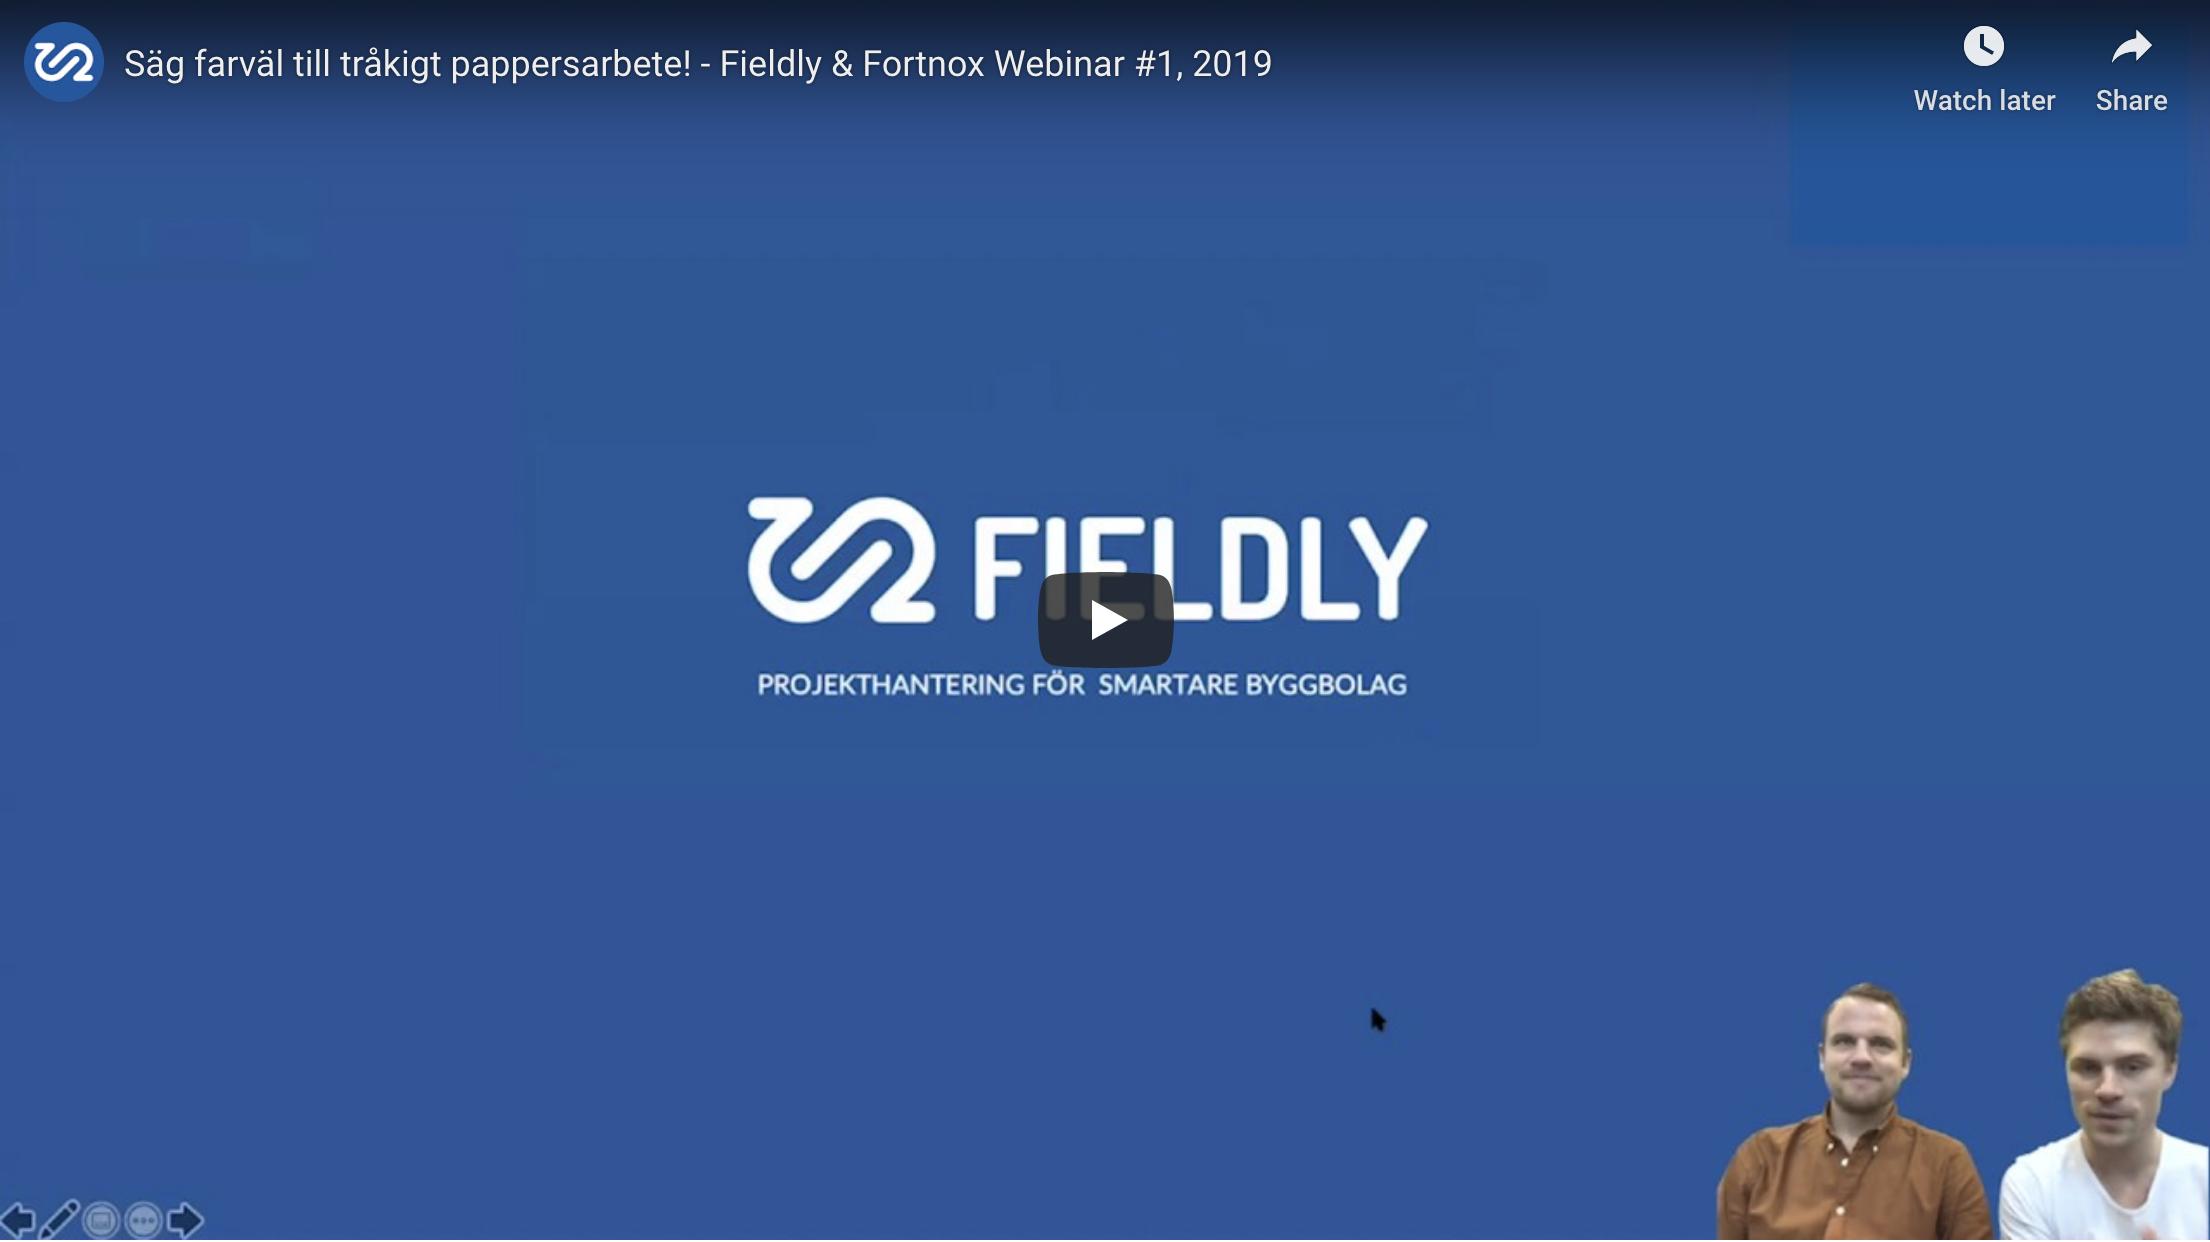 Fortnox och Fieldly webinar